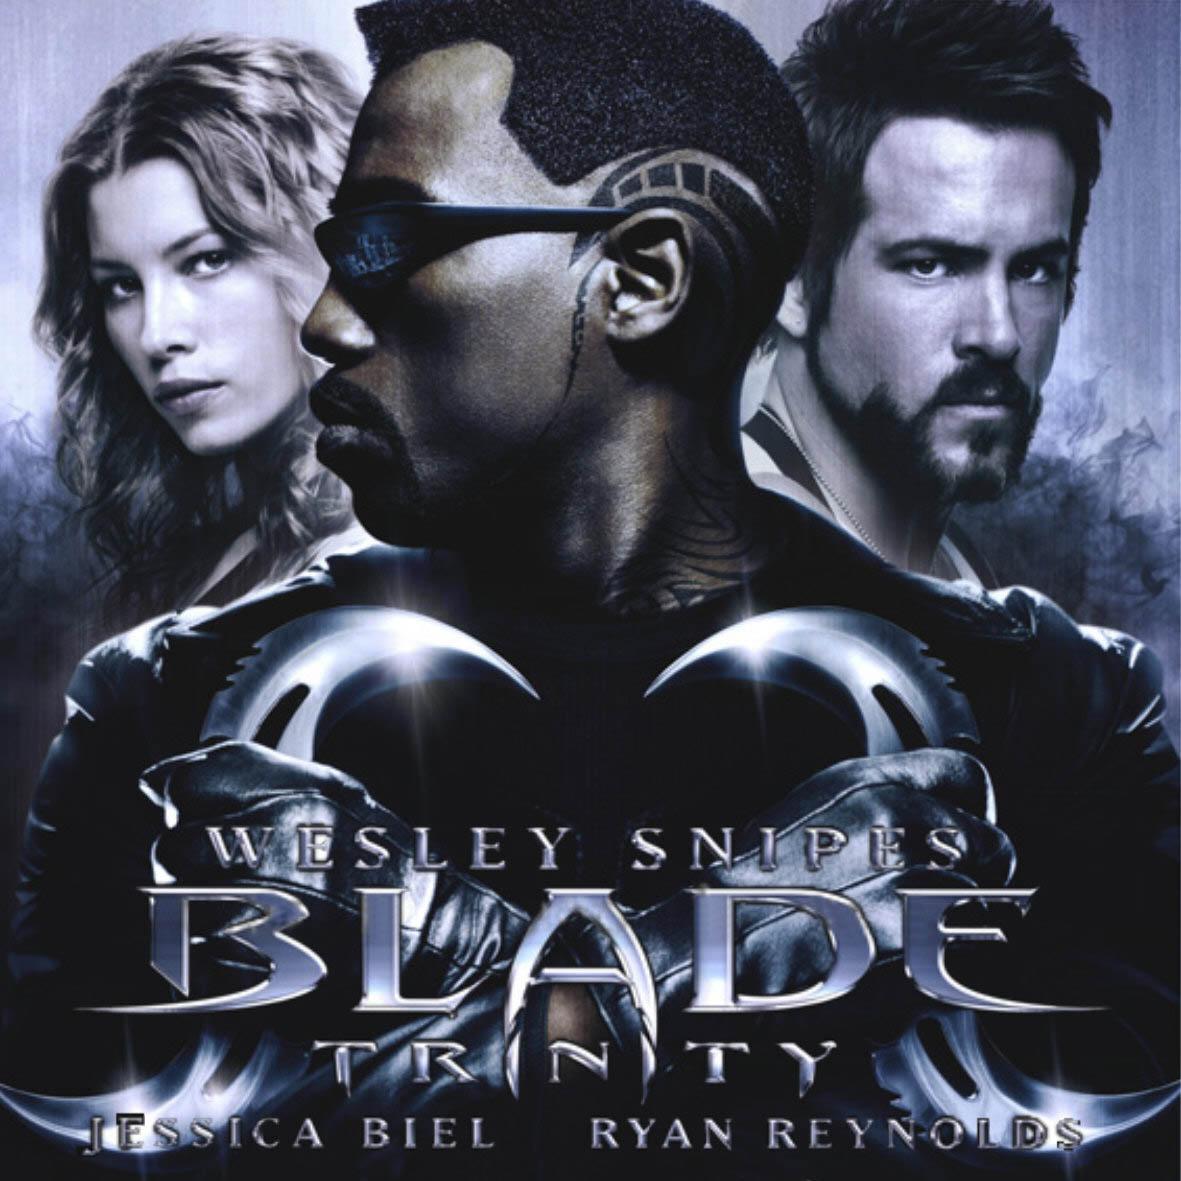 http://3.bp.blogspot.com/_KAD34eyShT4/S8q3qvyoeYI/AAAAAAAABGU/d_QqFCI-Upk/s1600/Blade_trinity_av_gipi.jpg